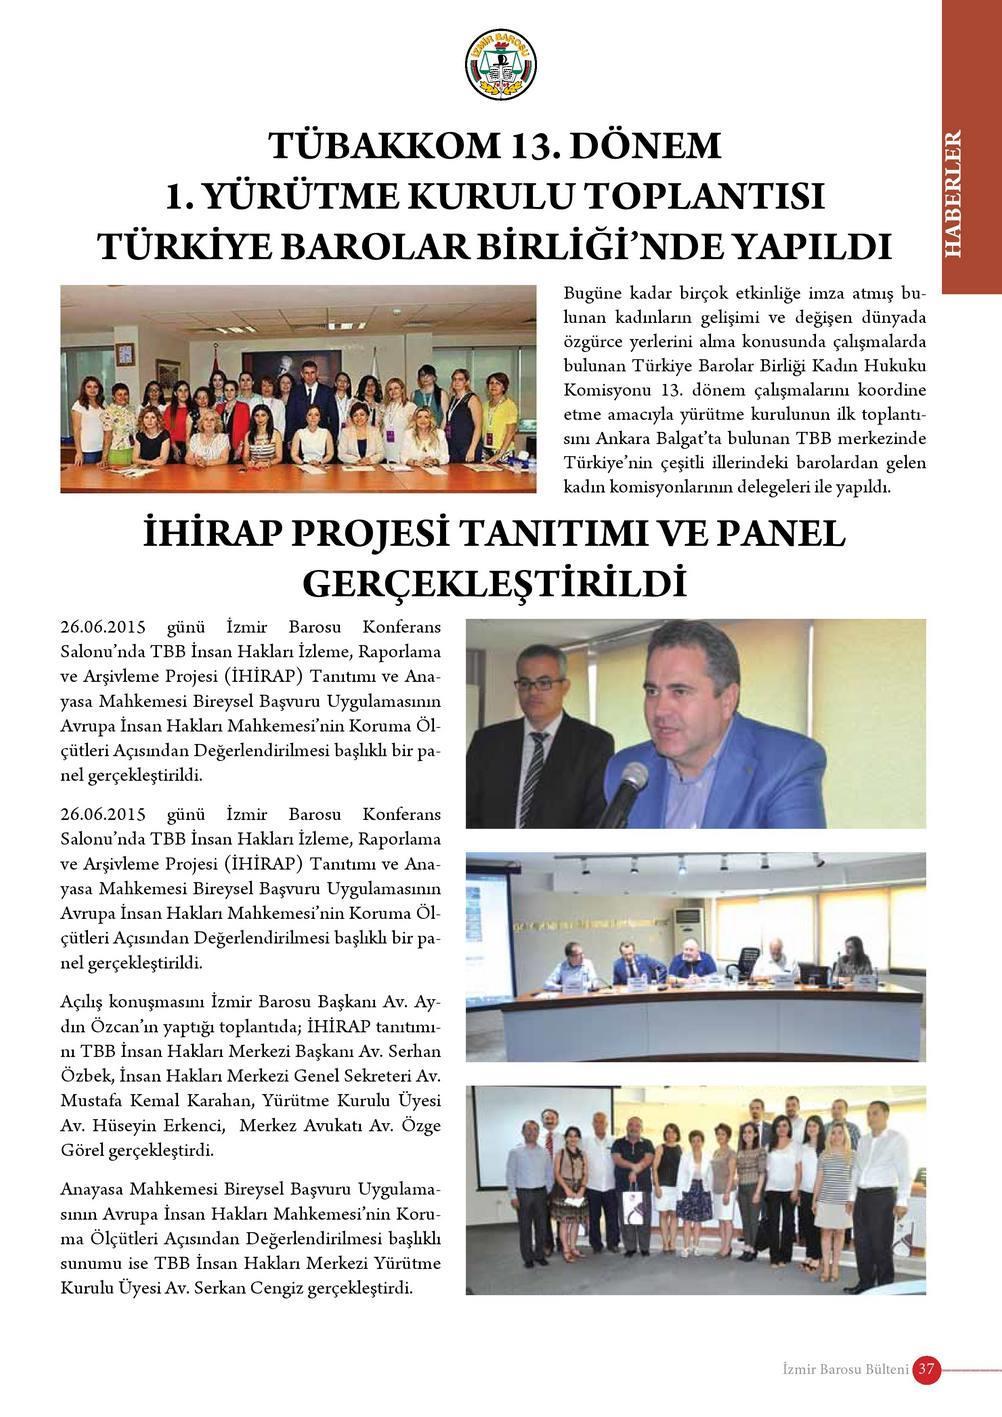 Yüksek mahkeme Haberleri, Güncel Yüksek mahkeme haberleri ve Yüksek mahkeme gelişmeleri 49